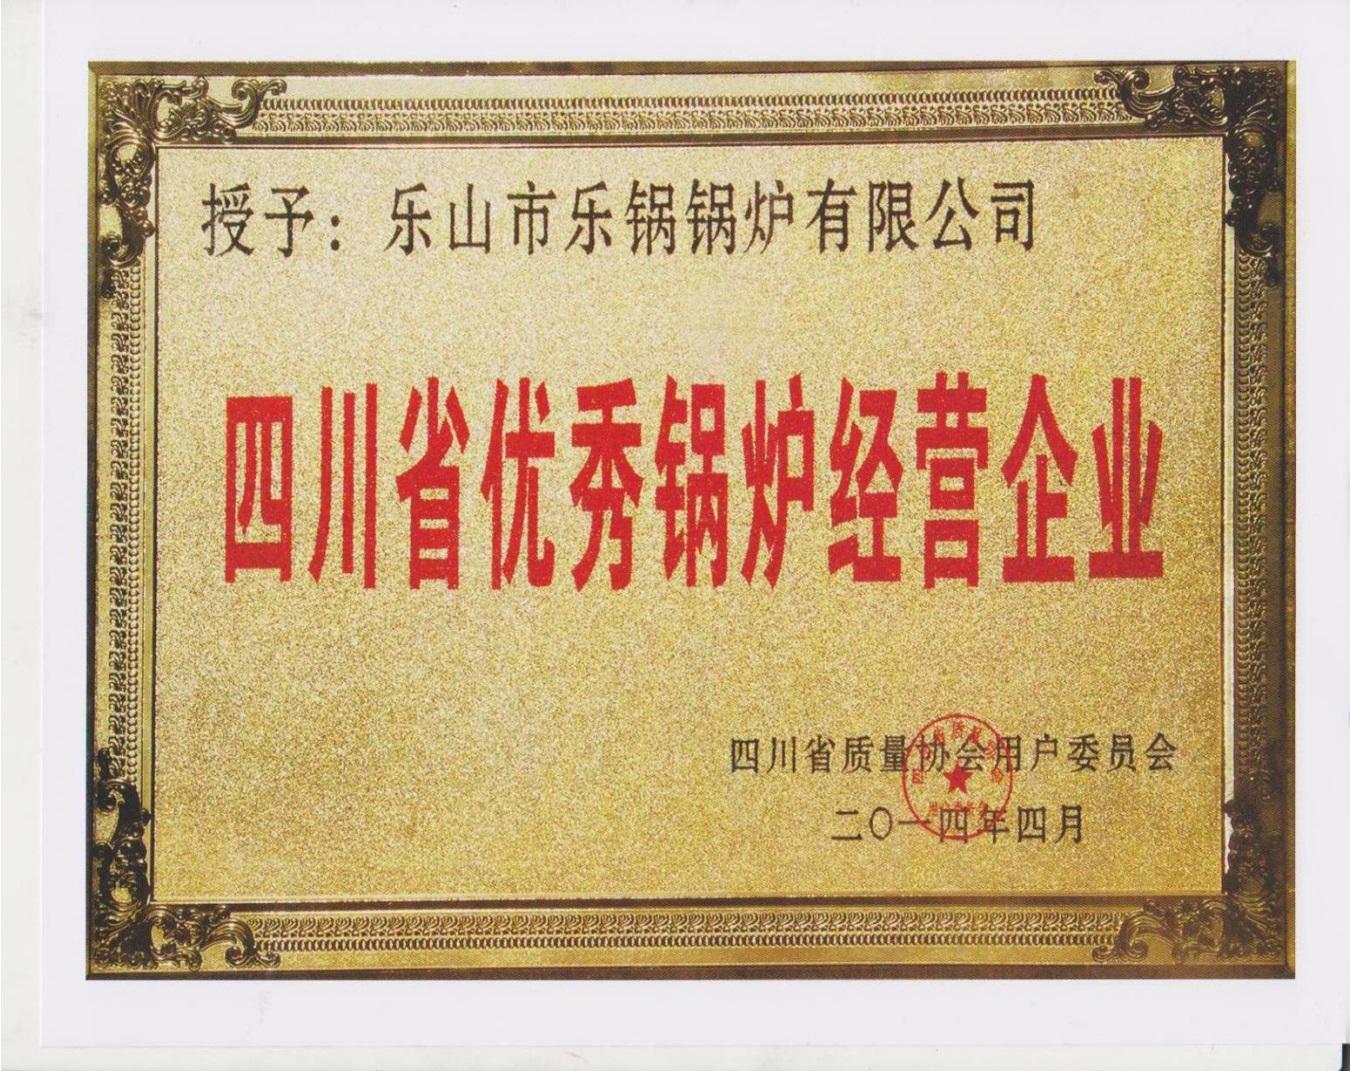 四川省優秀鍋爐經營企業